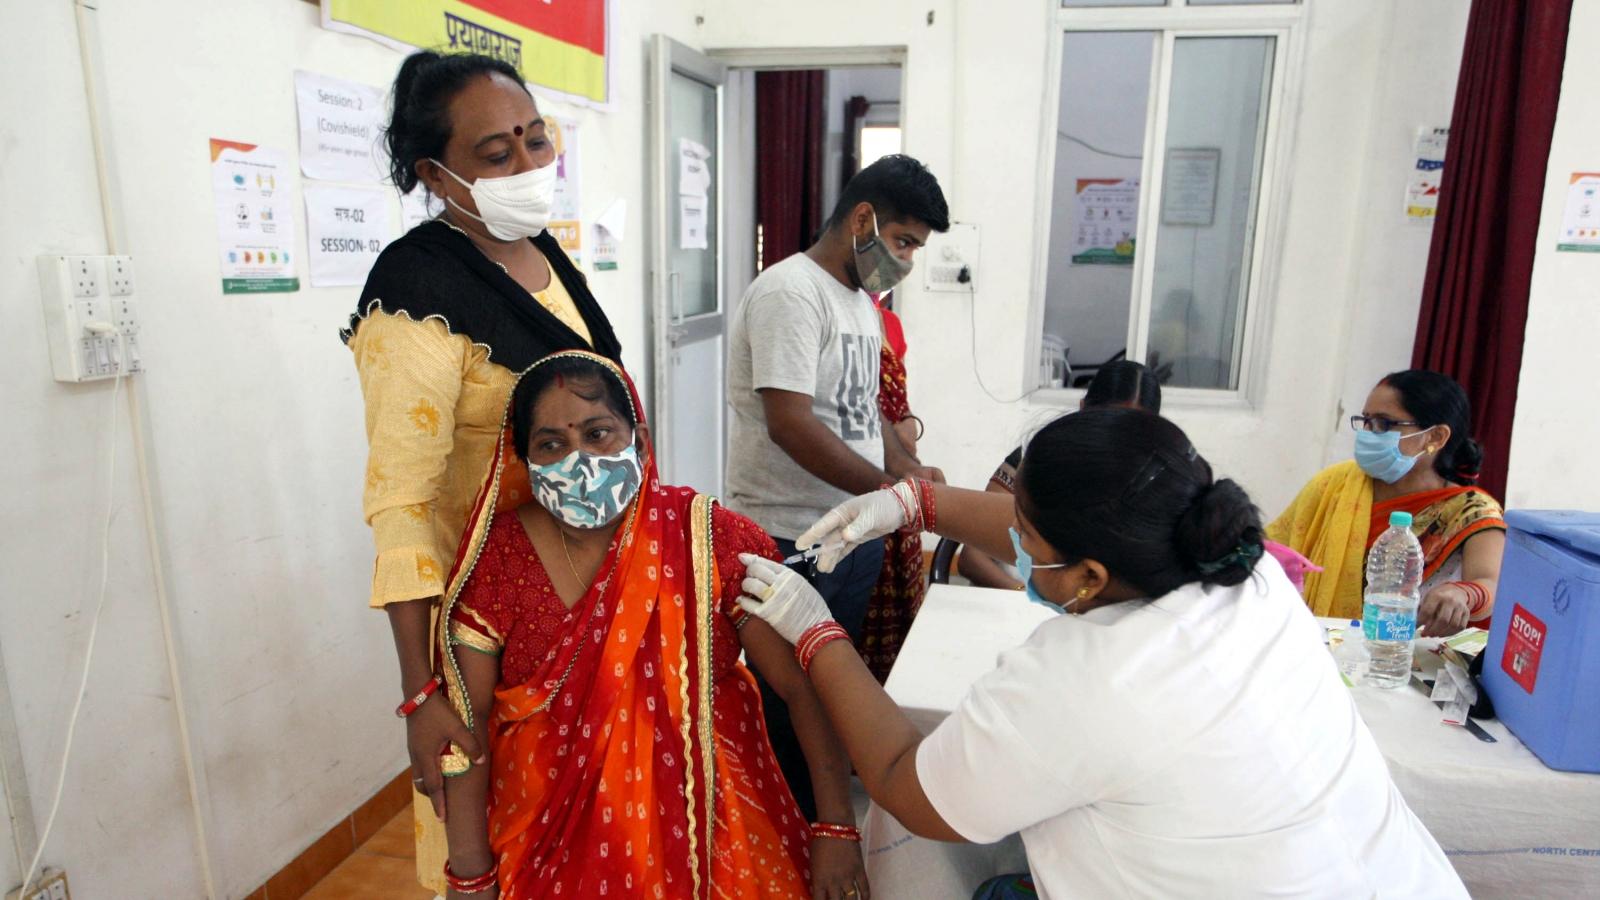 Ấn Độ lập kỷ lục về số mũi tiêm vaccine Covid-19 trong 1 ngày